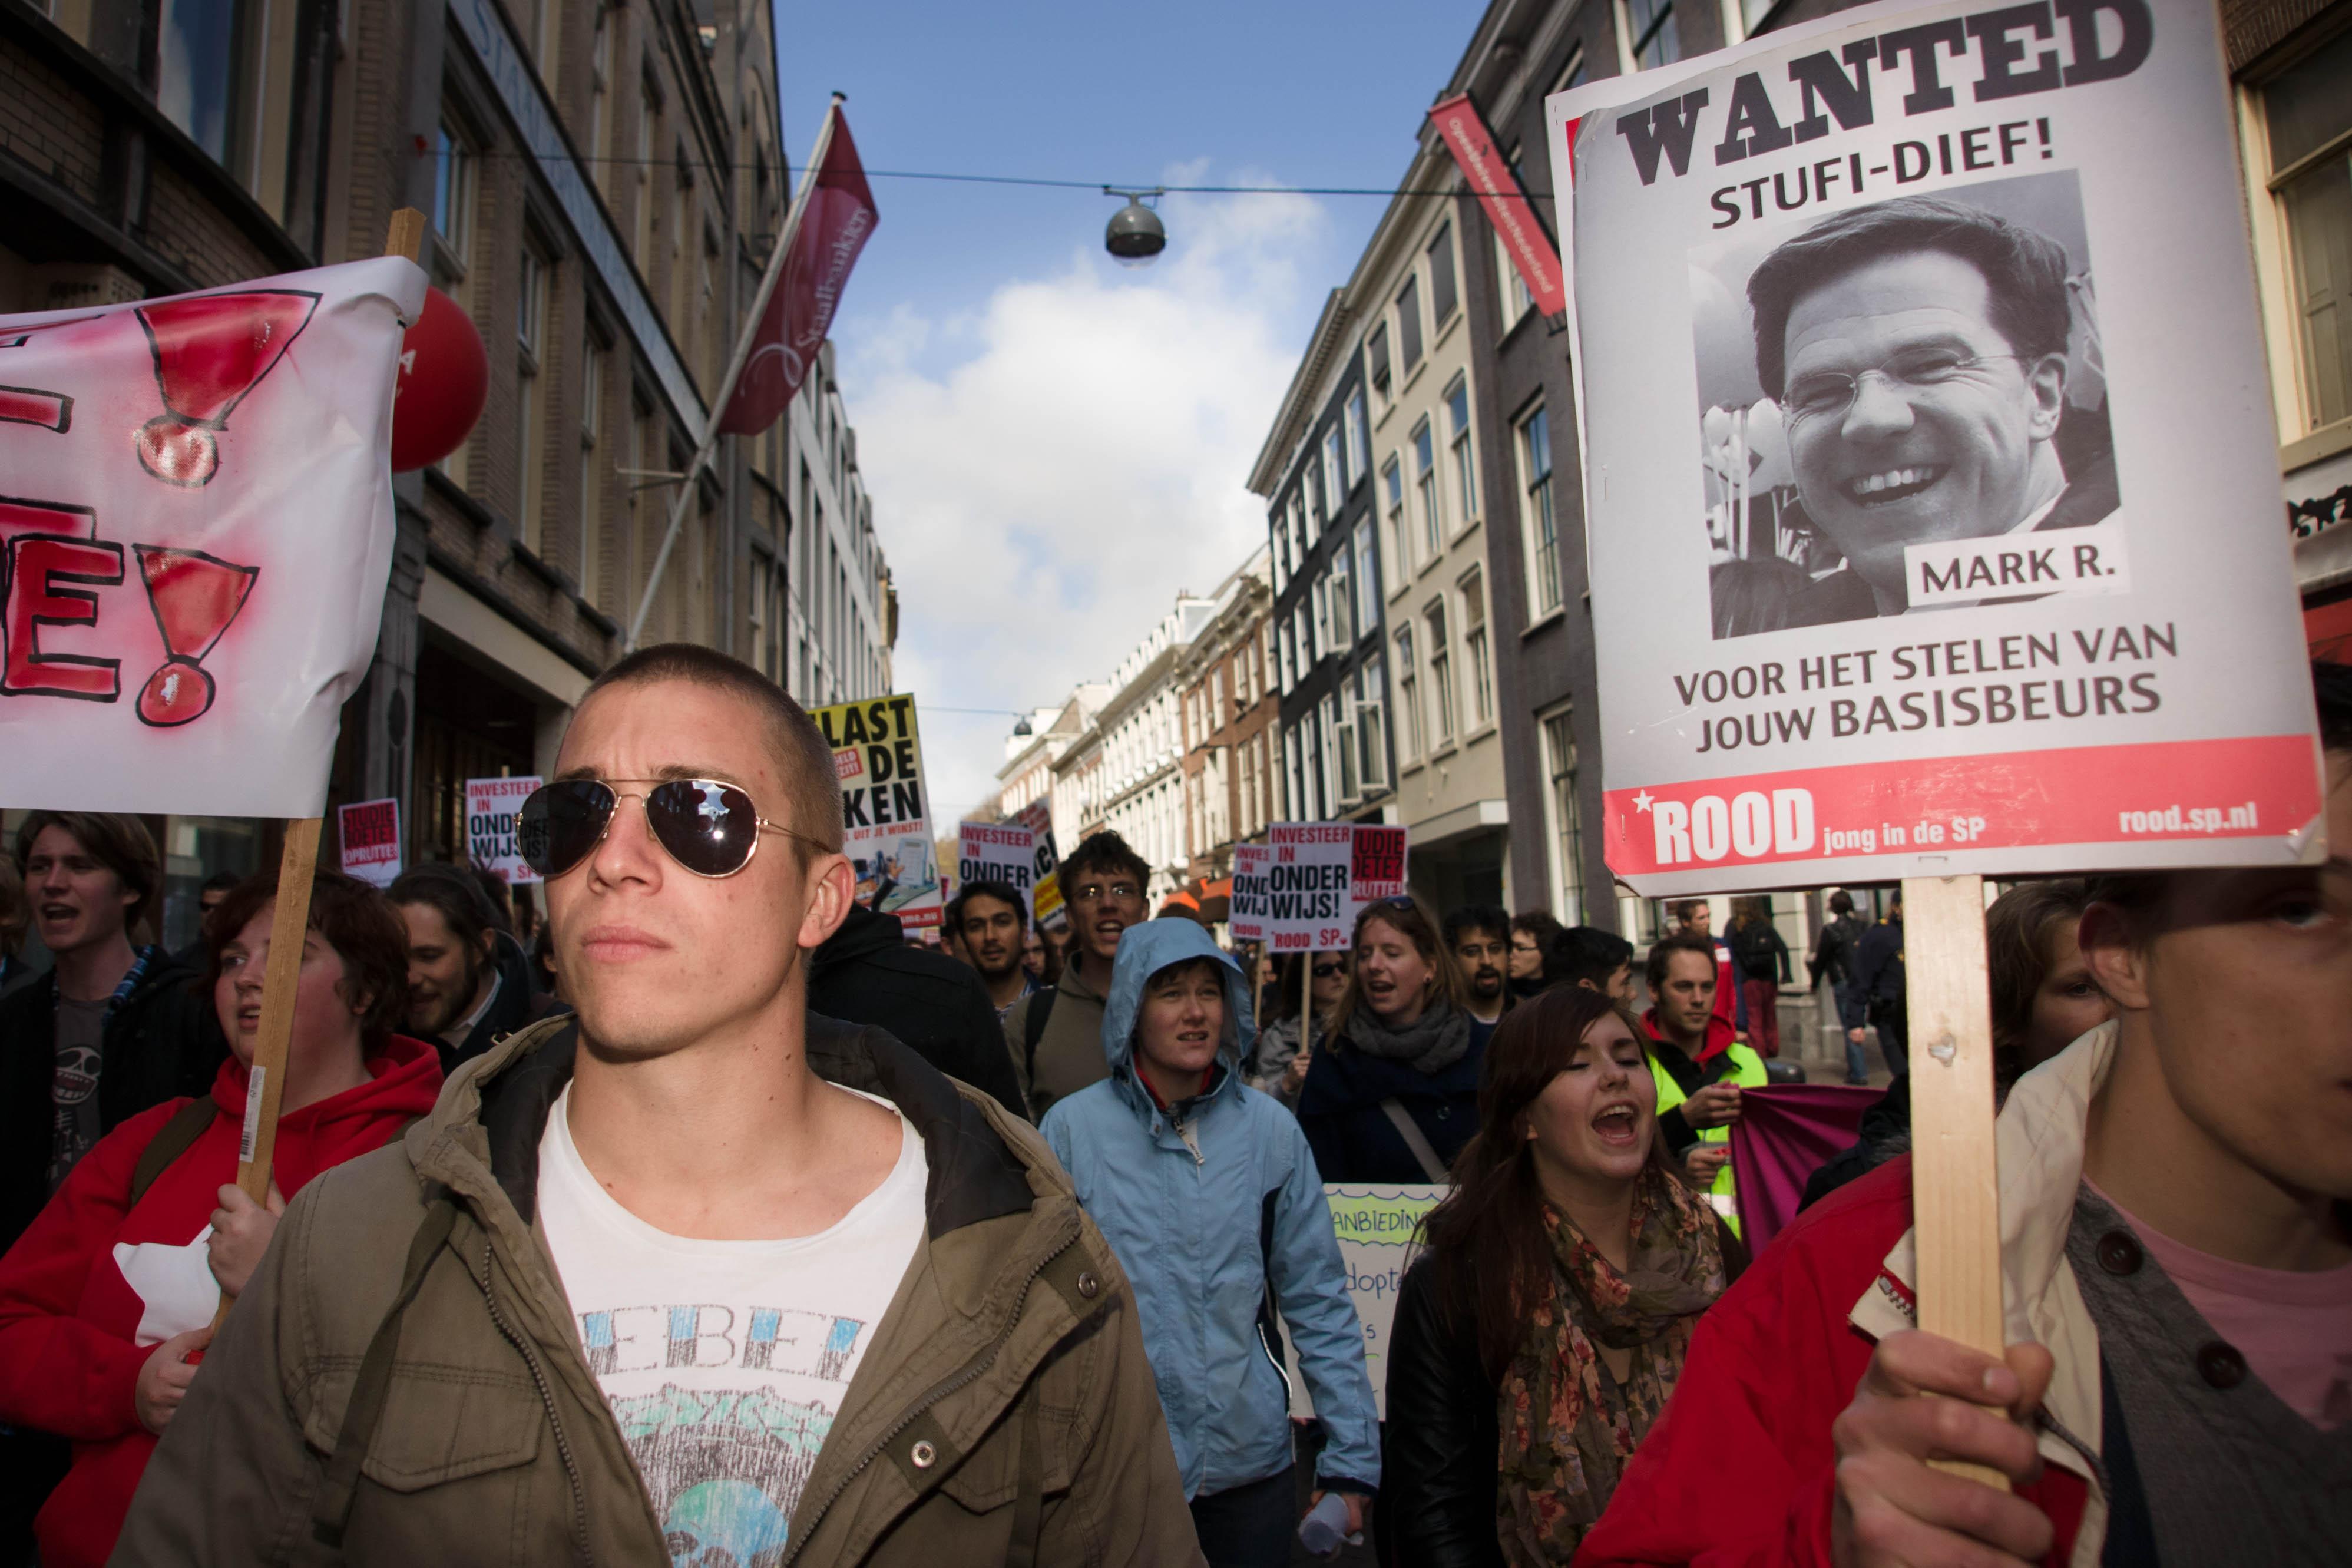 Protest destijds tegen afschaffing basisbeurs.